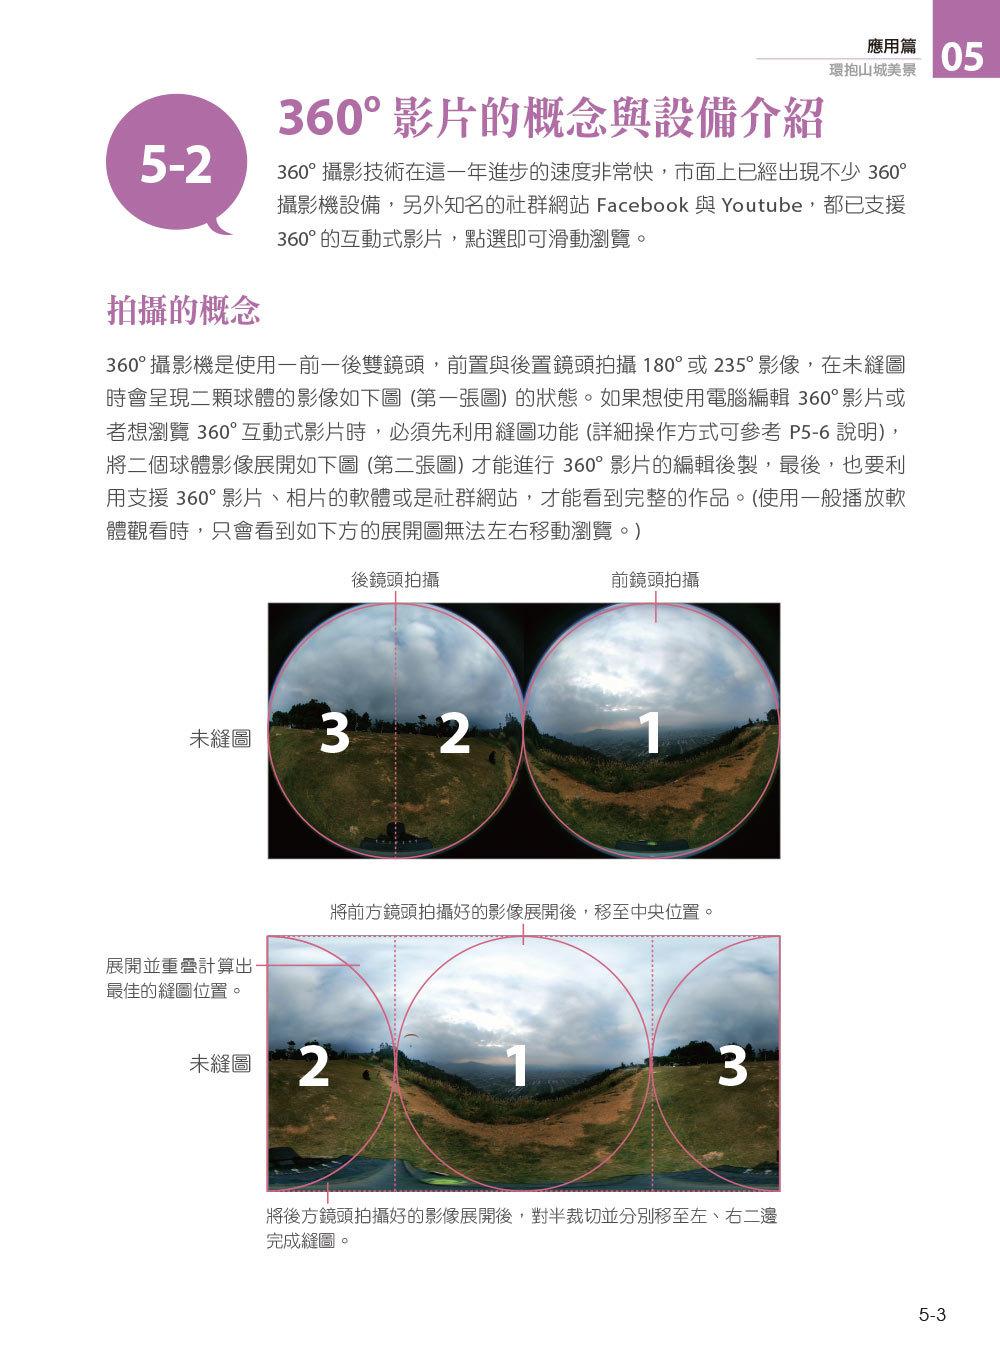 快快樂樂學威力導演15 - 影片/MV剪輯活用情報特蒐-preview-5